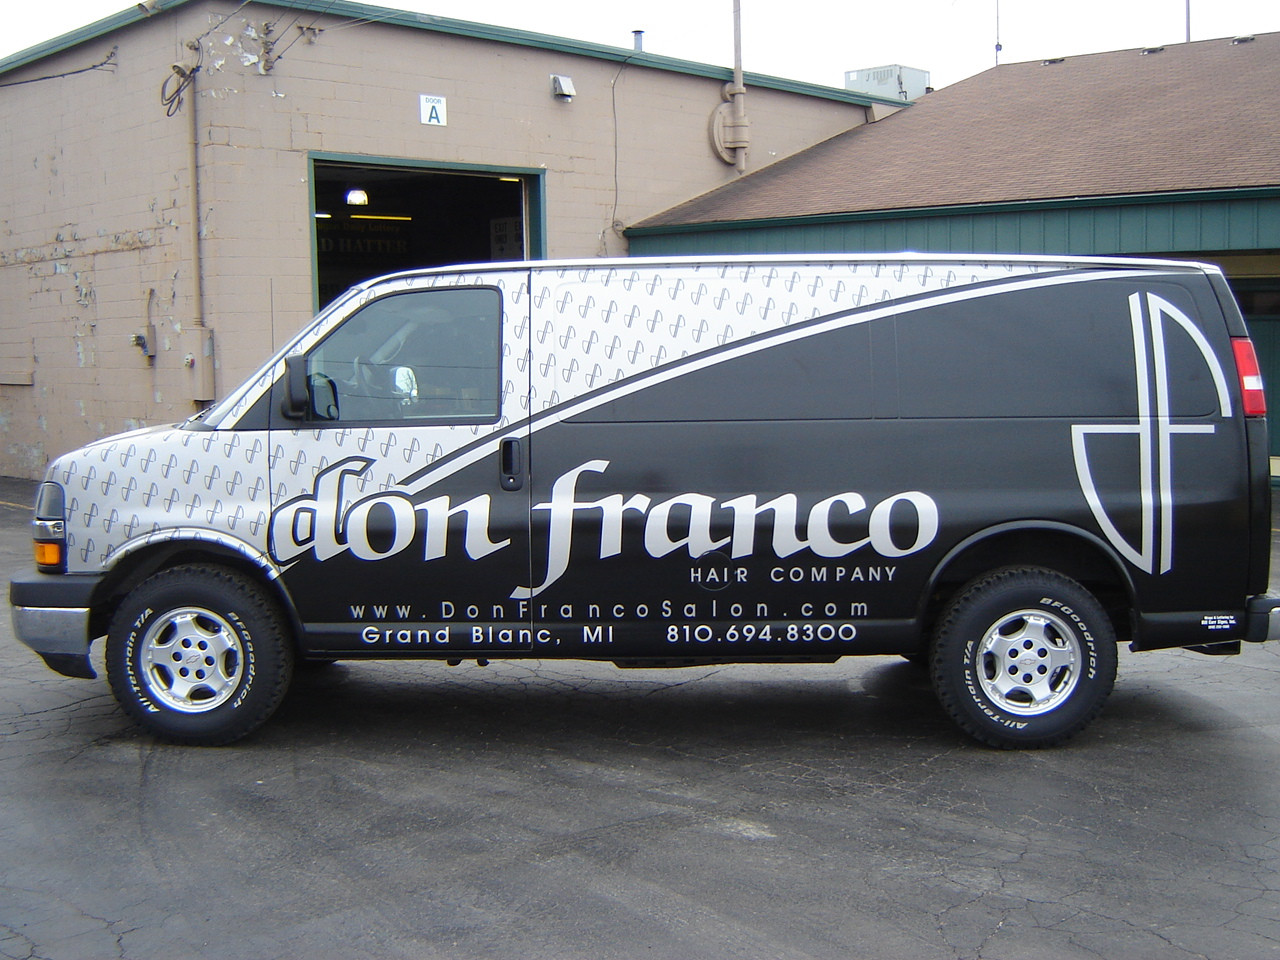 Don Franco Hair Company